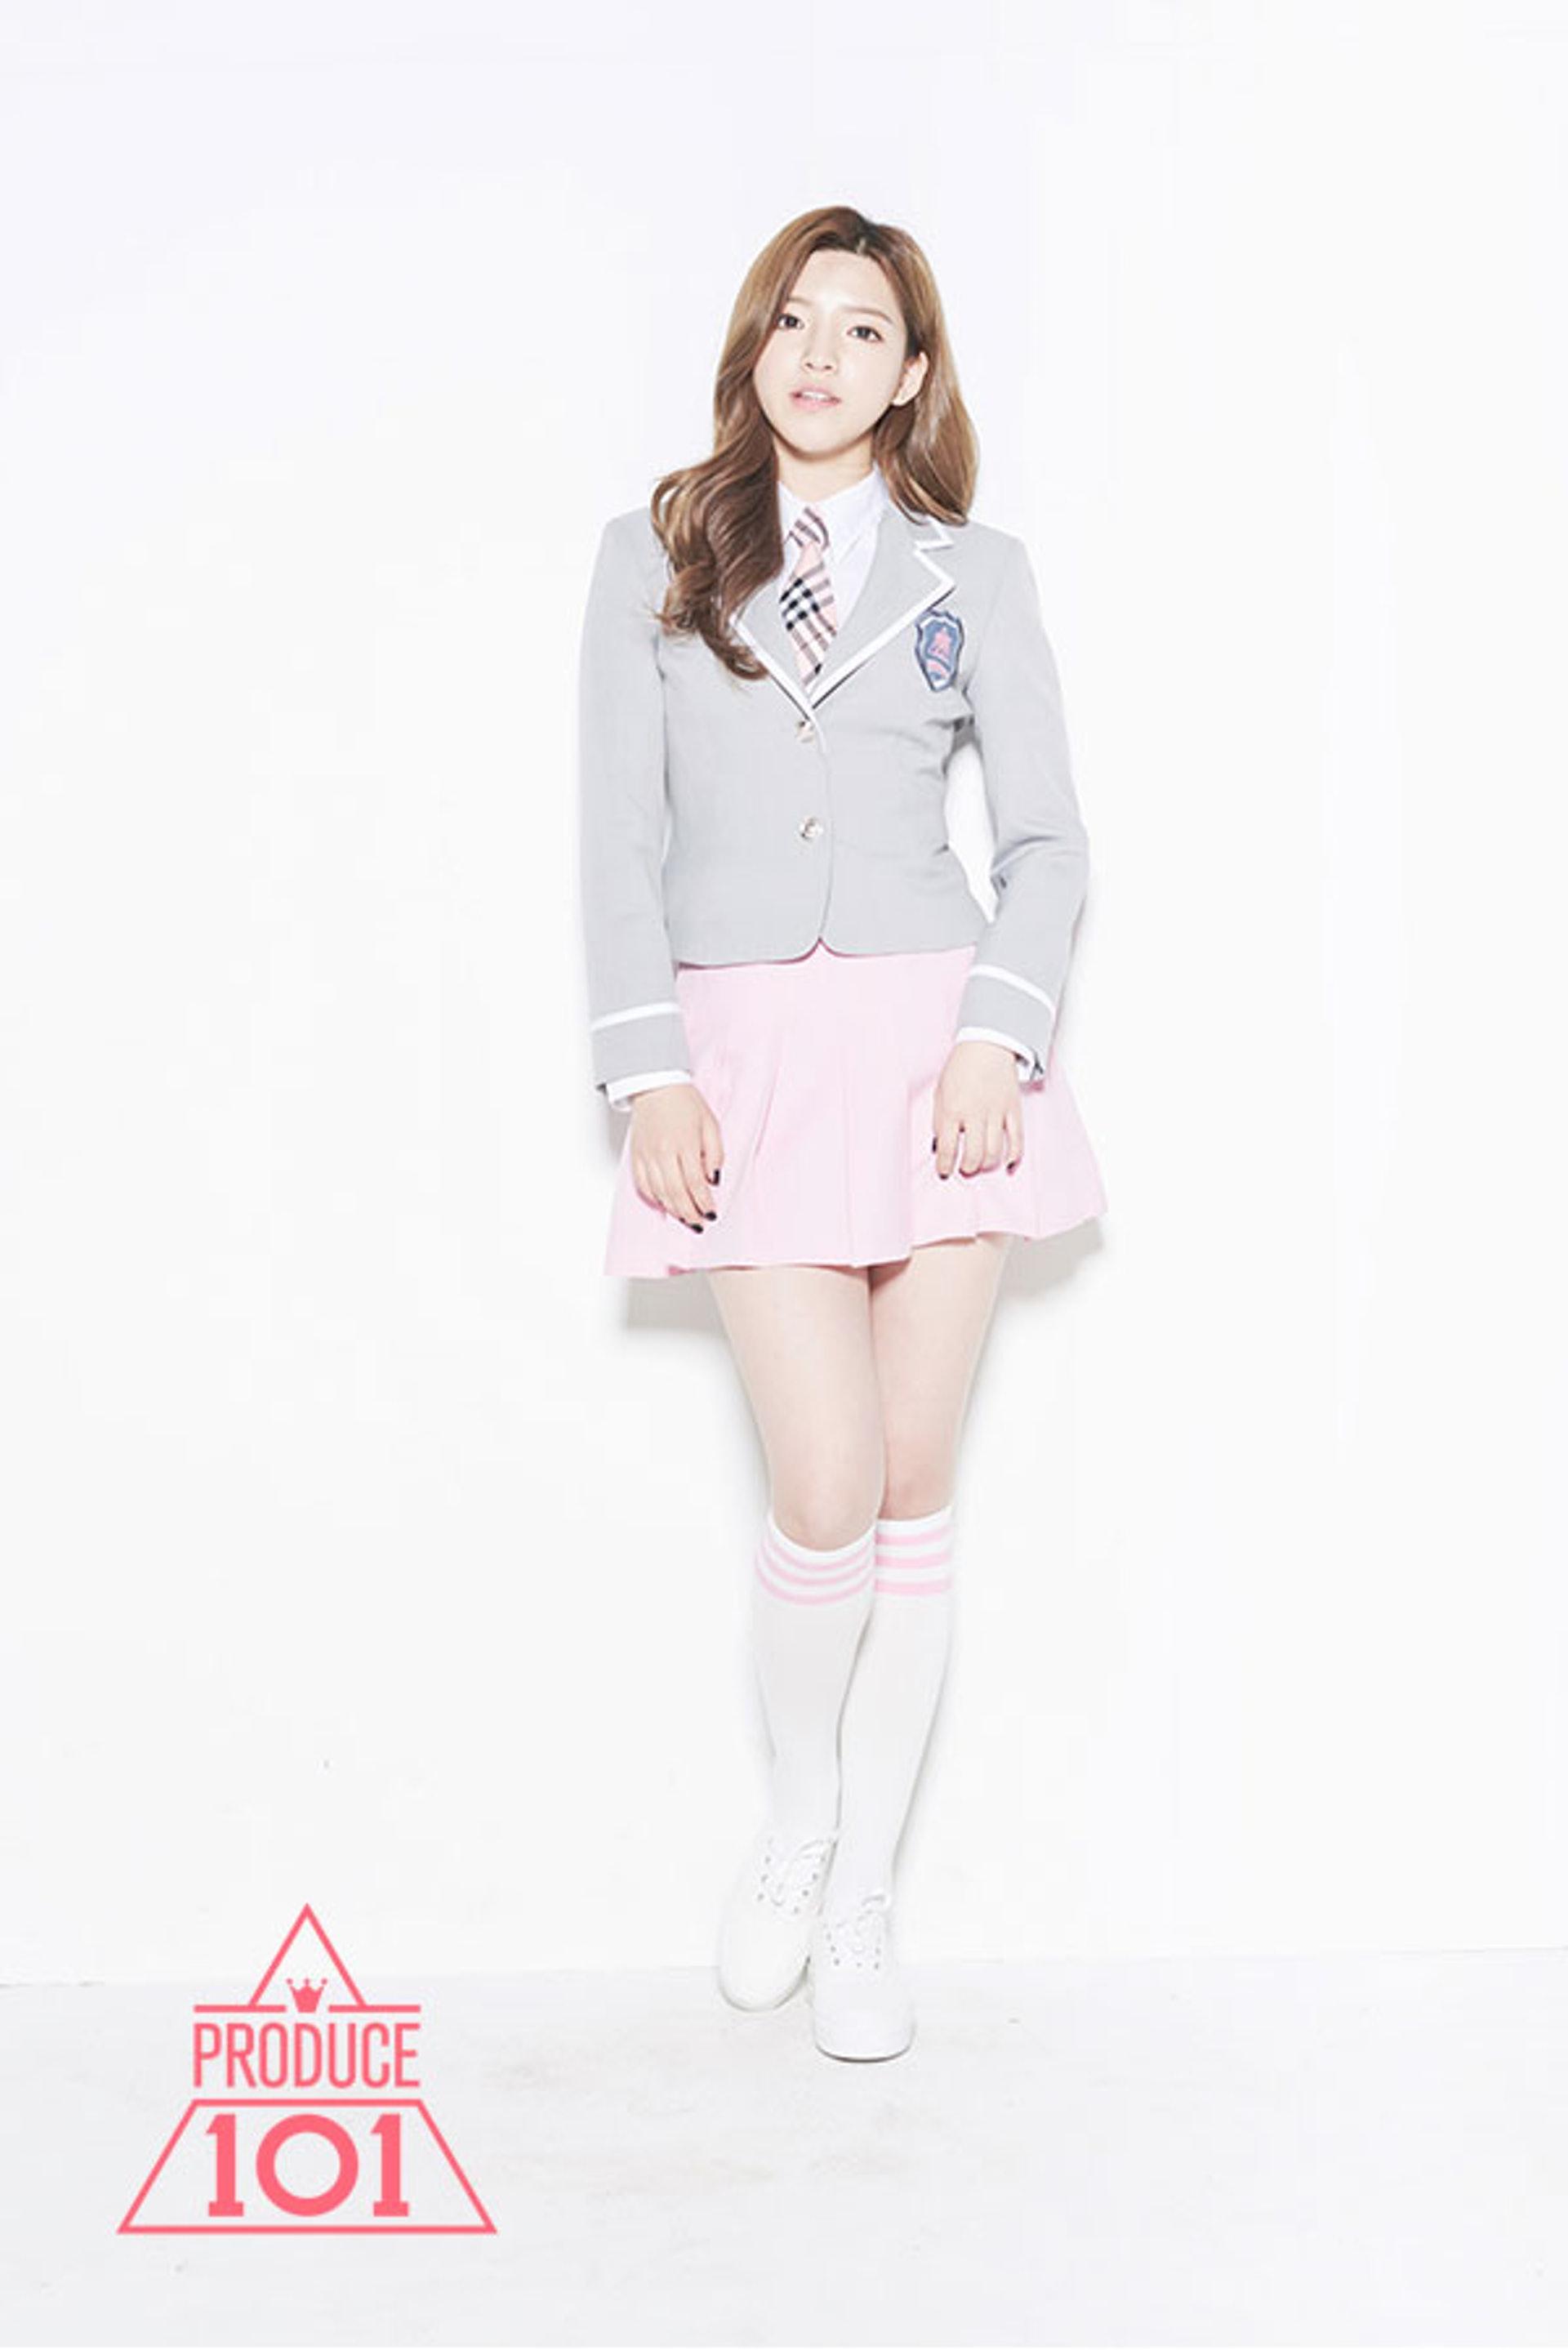 港韓混血兒吳恩佳曾參加選秀節目《Produce 101》Season 1和《MIXNINE》追逐韓星夢,可惜均未能成功進入決賽。(網上圖片)